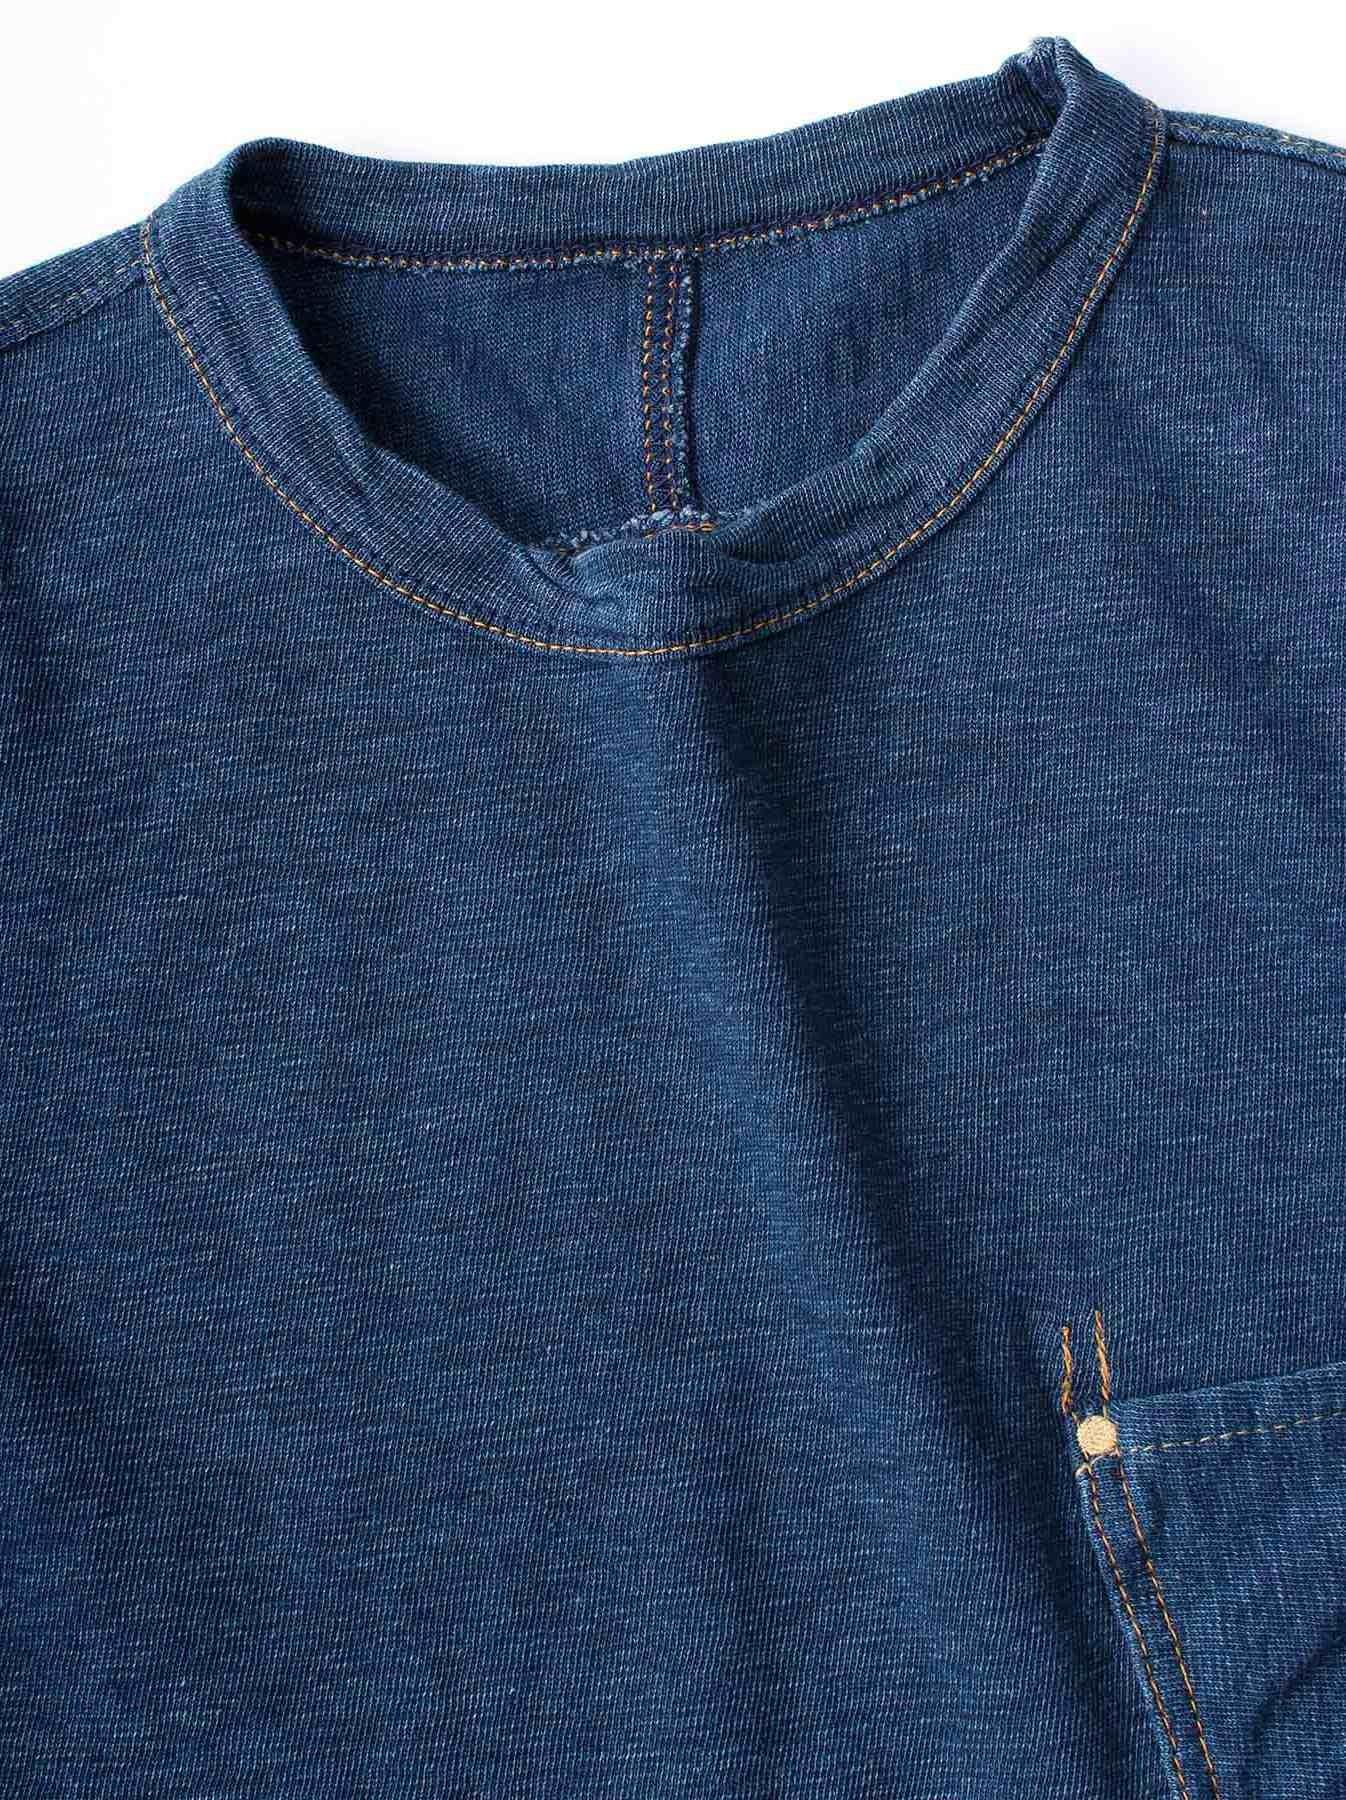 WH Indigo Plating Tenjiku T-shirt Distressed-6